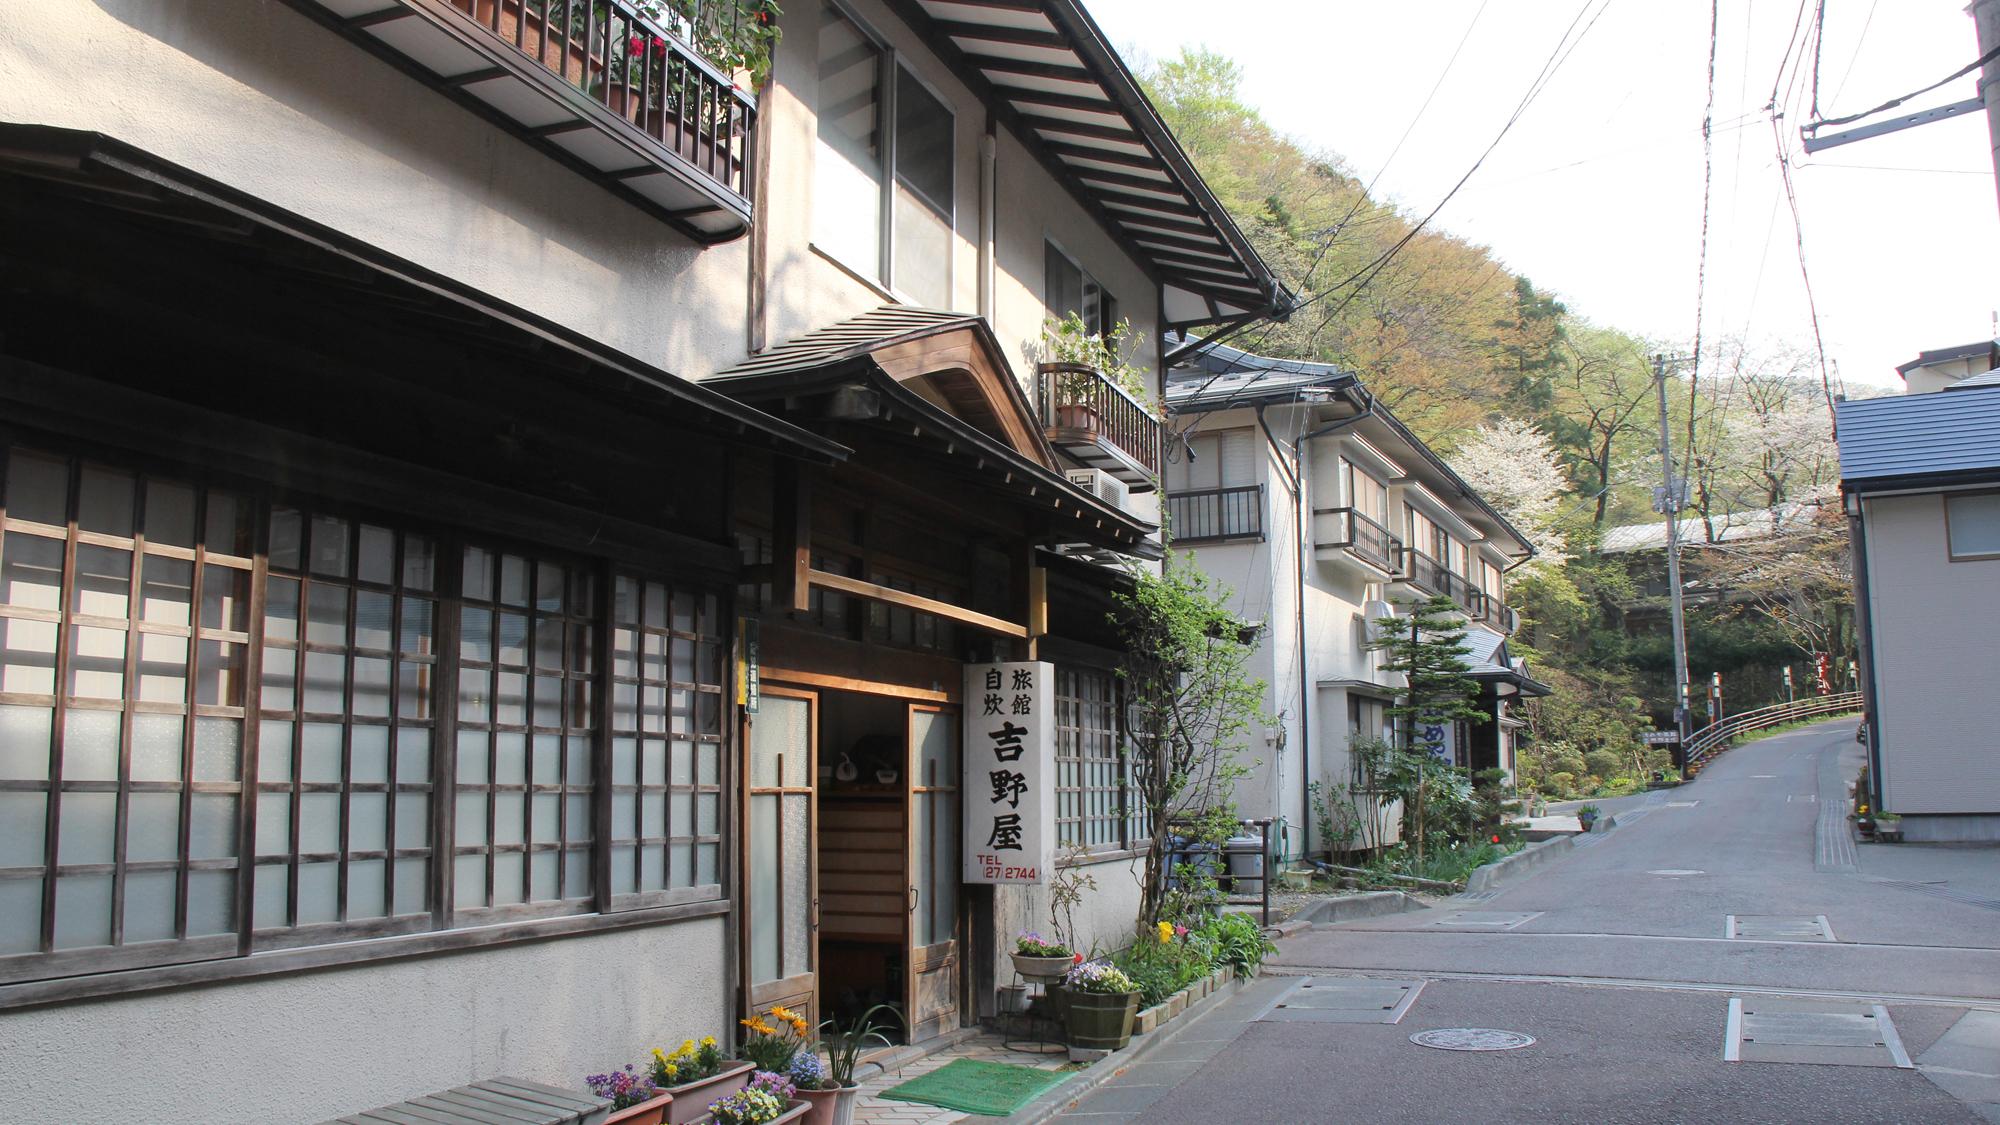 吉野屋 旅館◆楽天トラベル